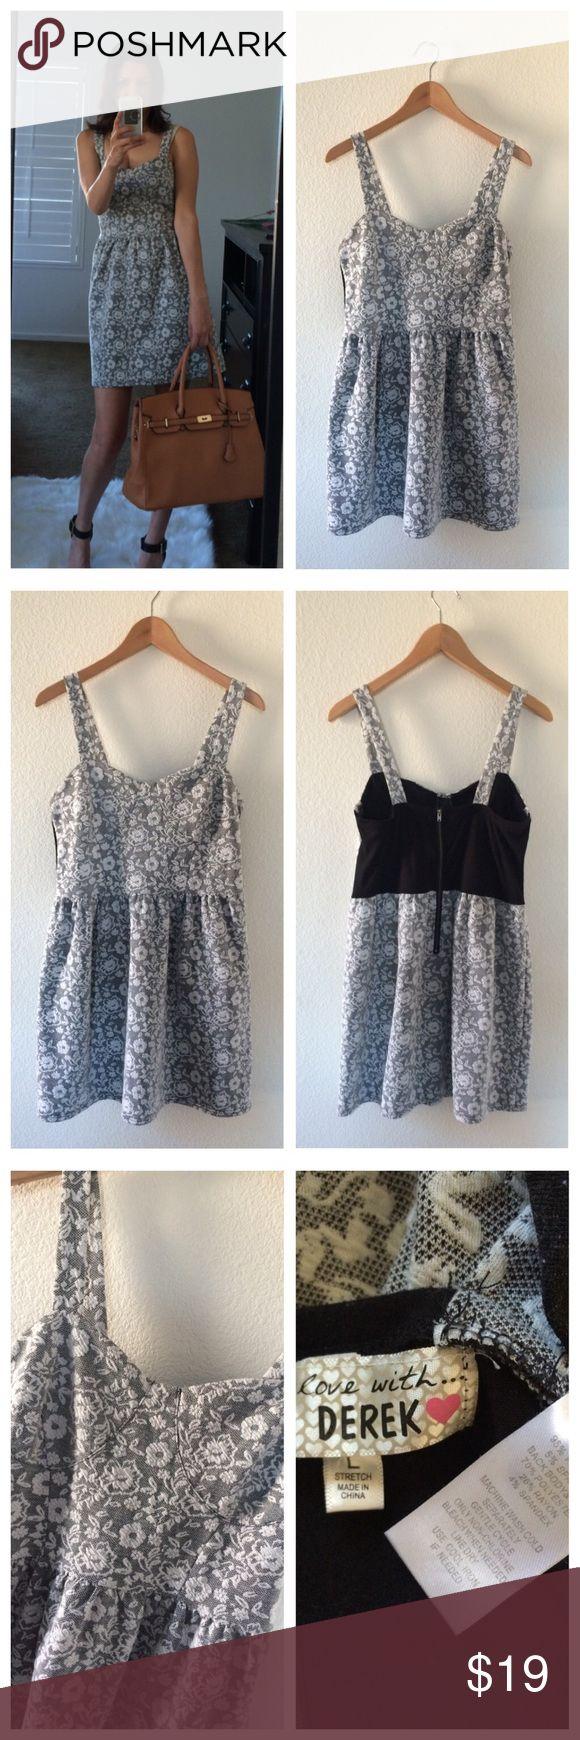 Weekend Sale🎉Derek gray white floral dress Derek gray white floral dress size L junior. Good used condition. derek Dresses Mini